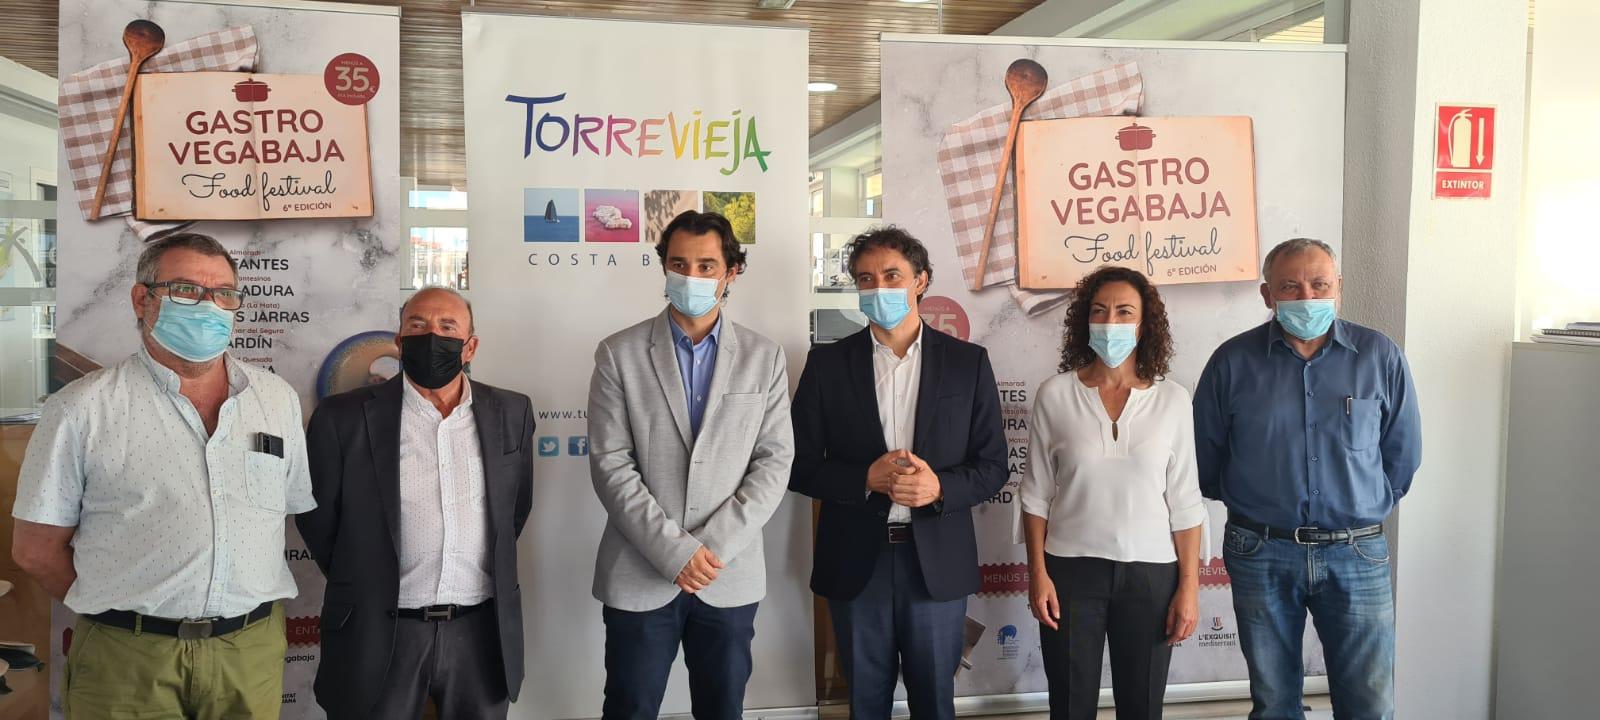 """Turisme destina 85.000 euros para consolidar Torrevieja y la comarca de la Vega Baja """"como un destino turístico y gastronómico de calidad"""""""